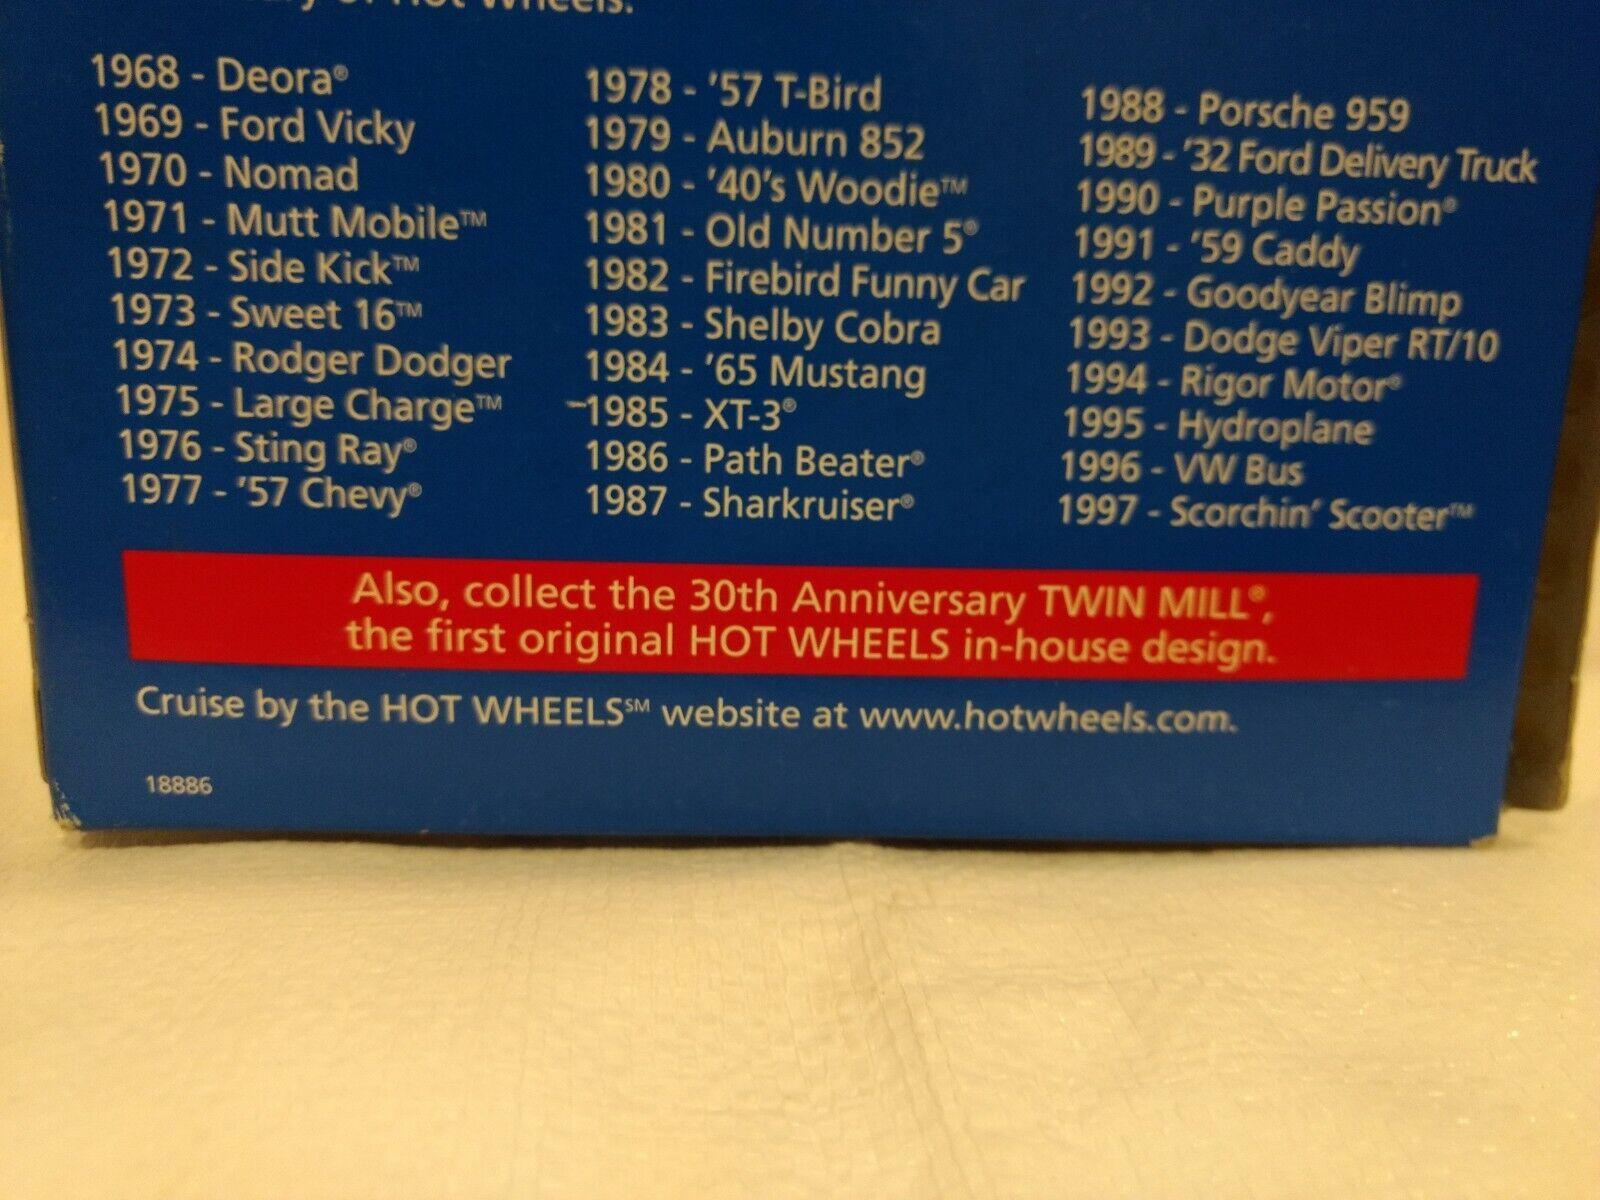 Hot wheels 1997 commémorative réplique scorchin' scooter 1:64 echelle miniature